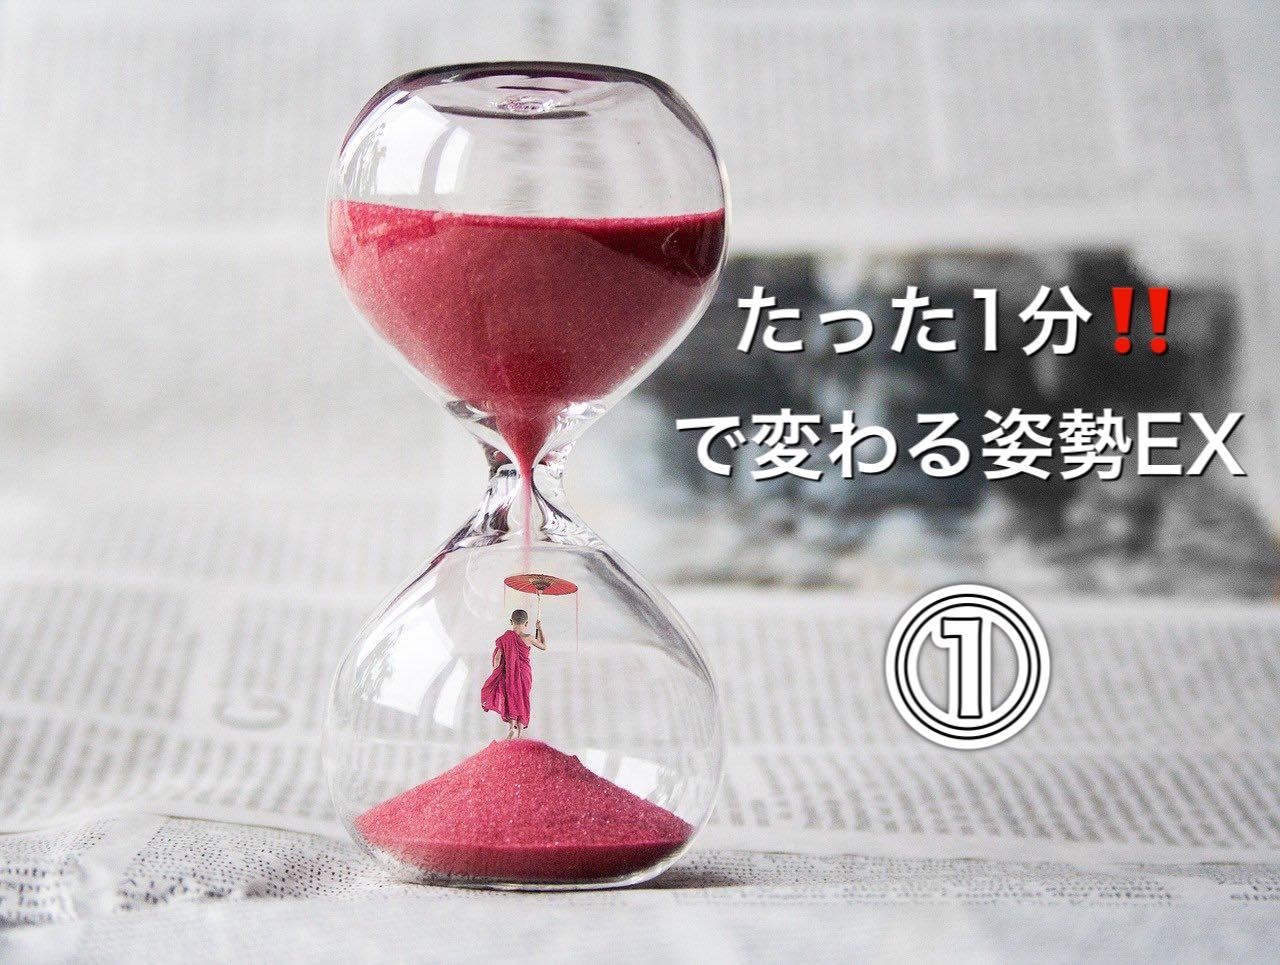 Ortho21☆ 『たった1分で変わる』